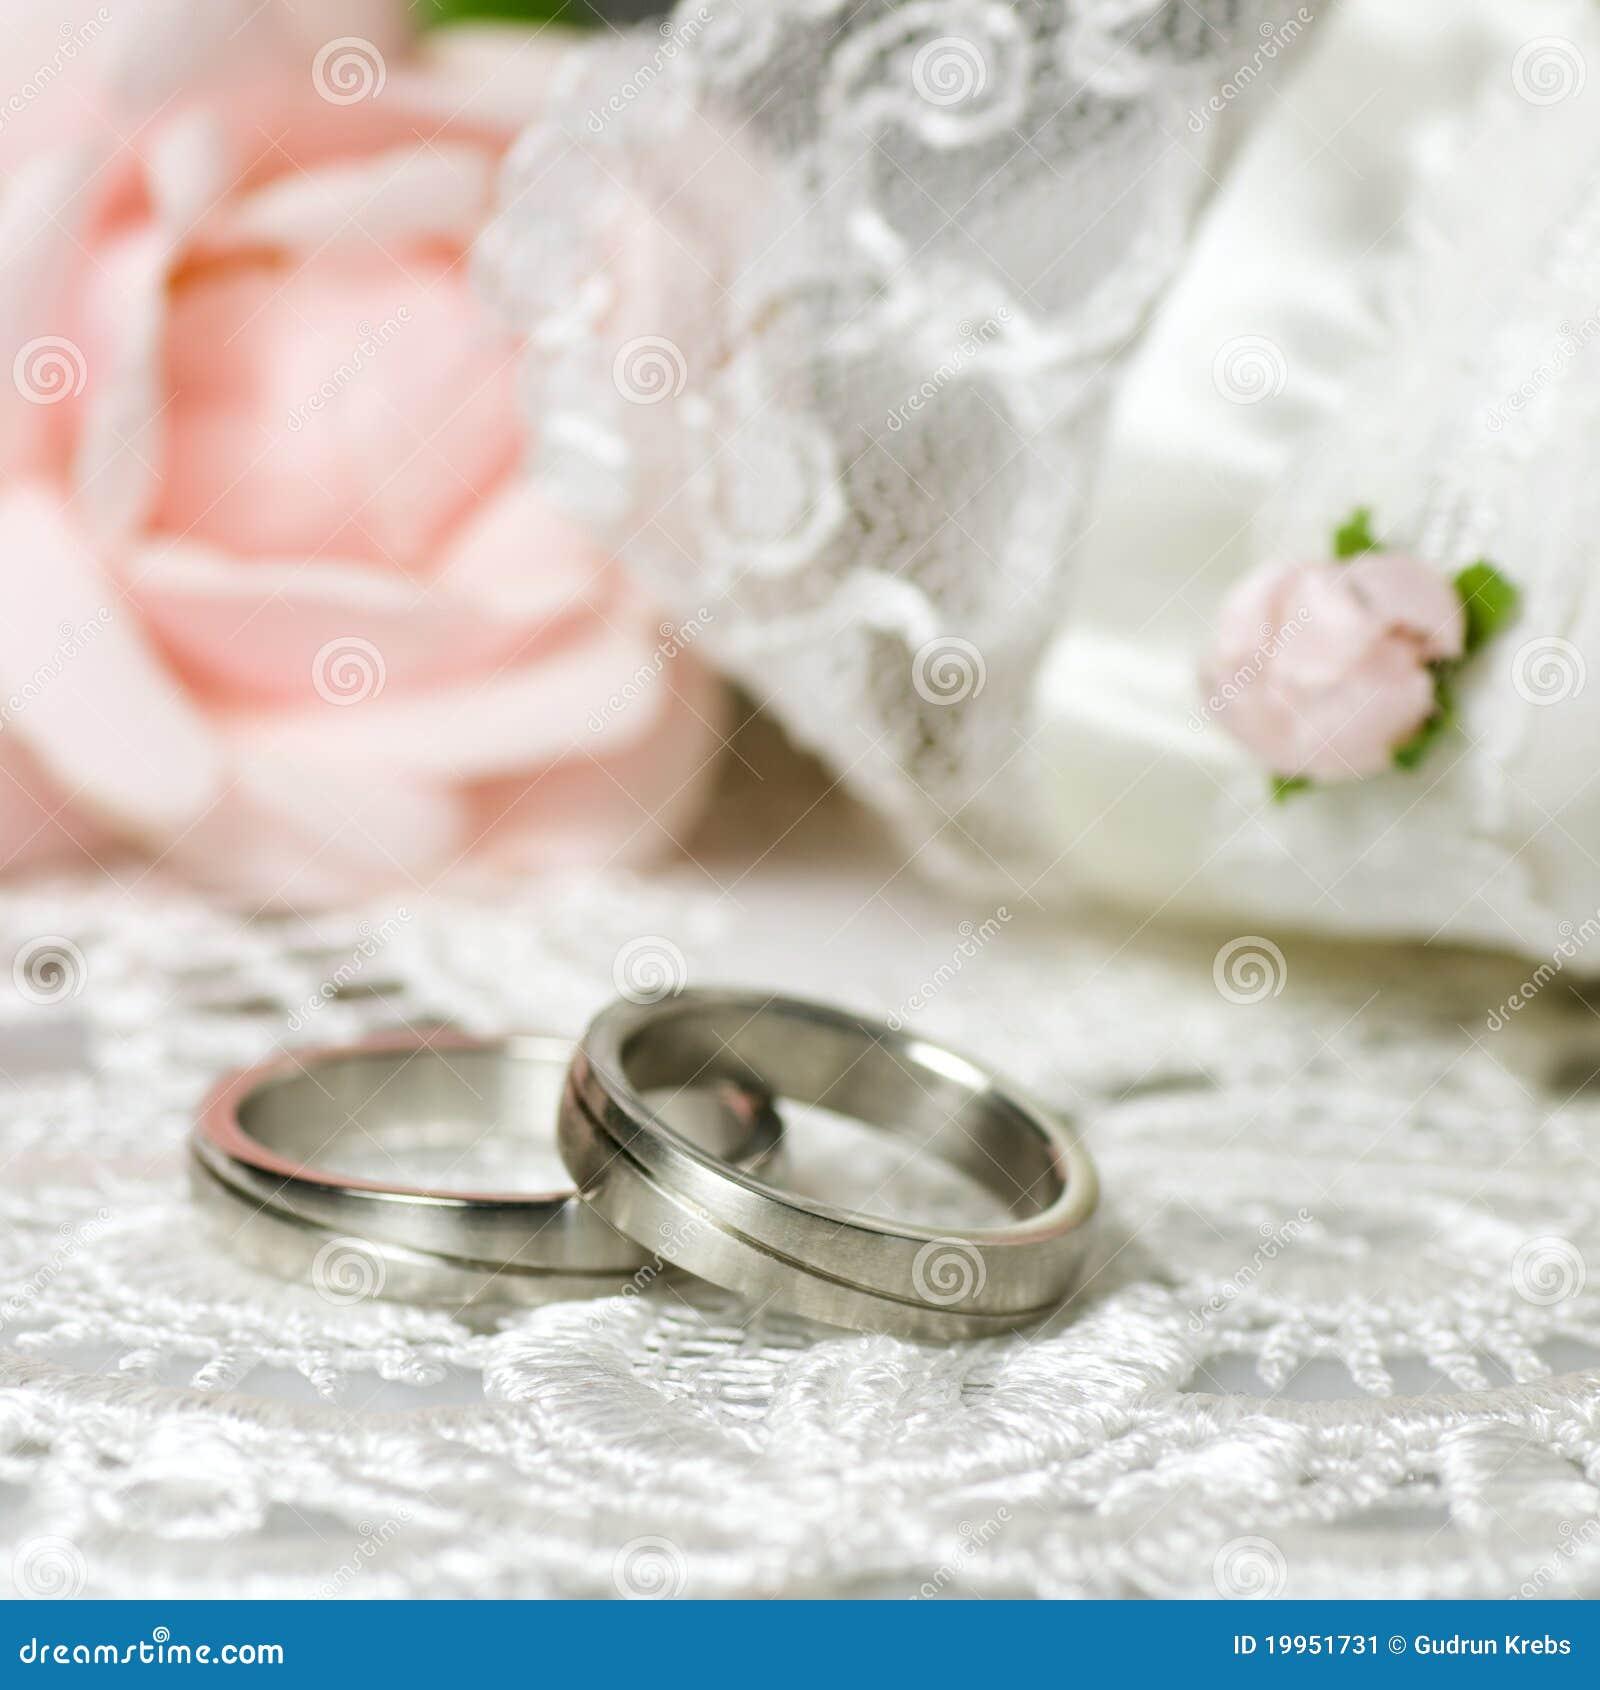 Hochzeitsringe Auf Nostalgischem Hintergrund Stockbild Bild Von